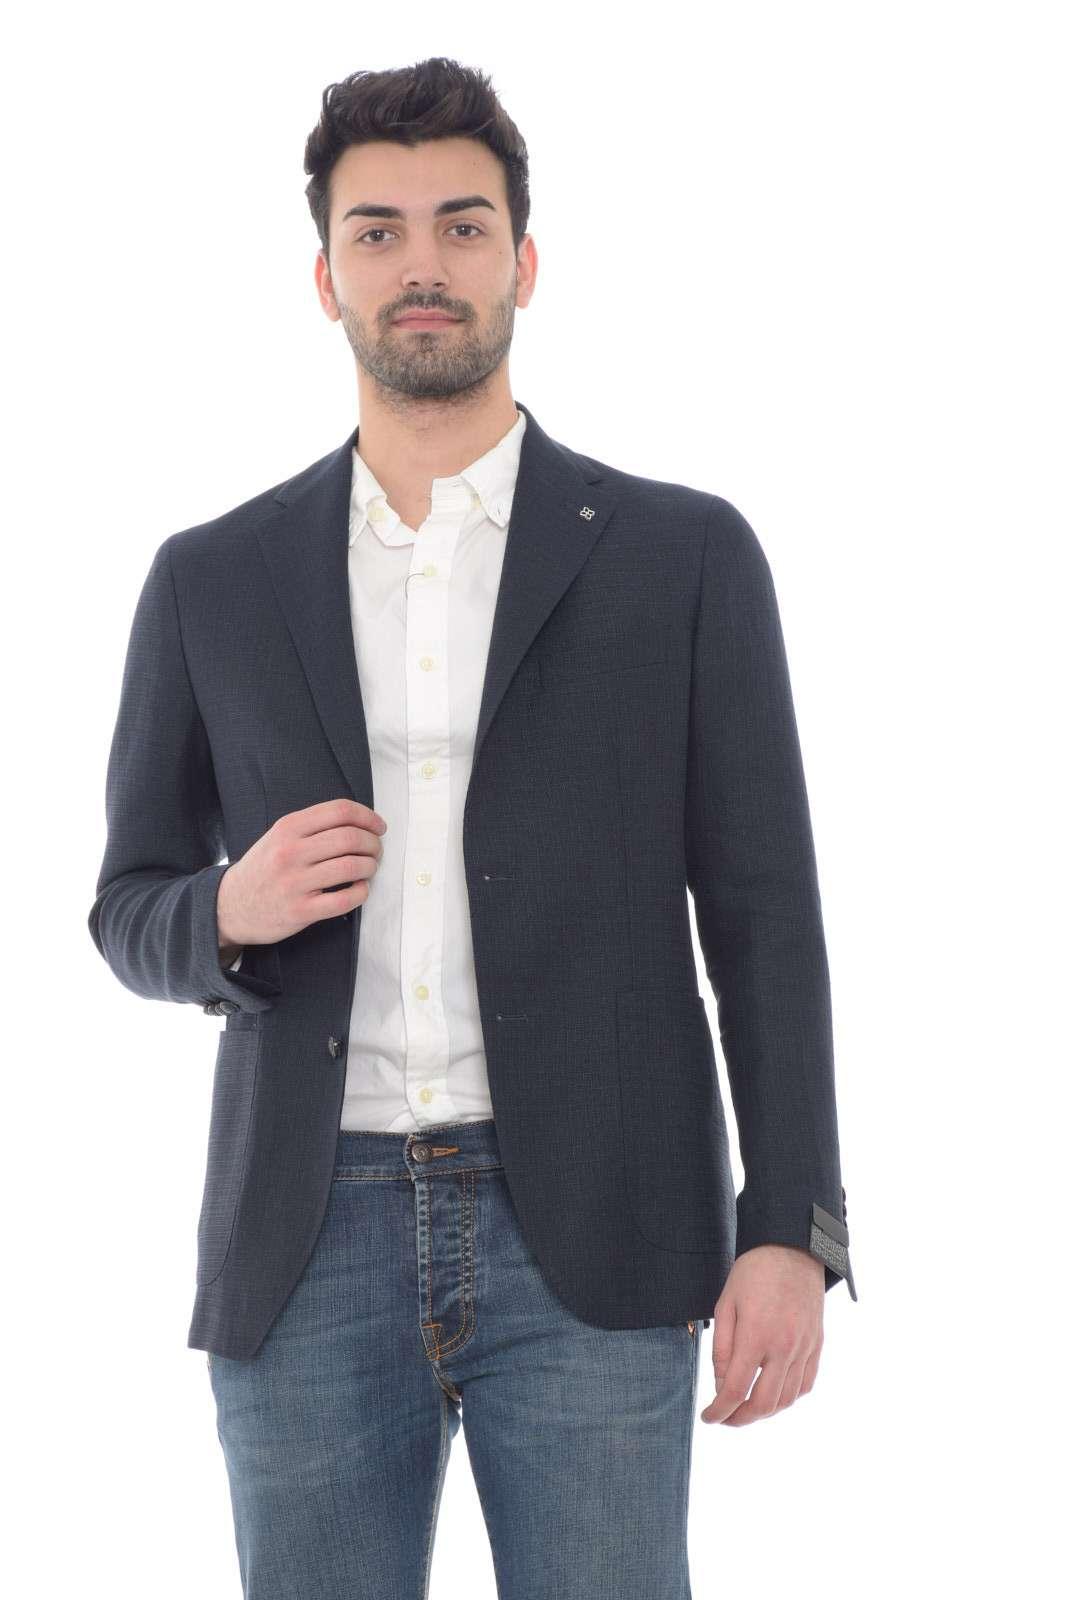 Lasciati affascinare dalla nuova giacca uomo proposta dalla collection primavera estate Tagliatore. Un pregiato tessuto in misto lana e lino dalla vestibilità slim da abbinare con un pantalone dal tglio chino o con un jeans per sdrammatizzare il look. Un capo evergreeen raffinato e versatile.